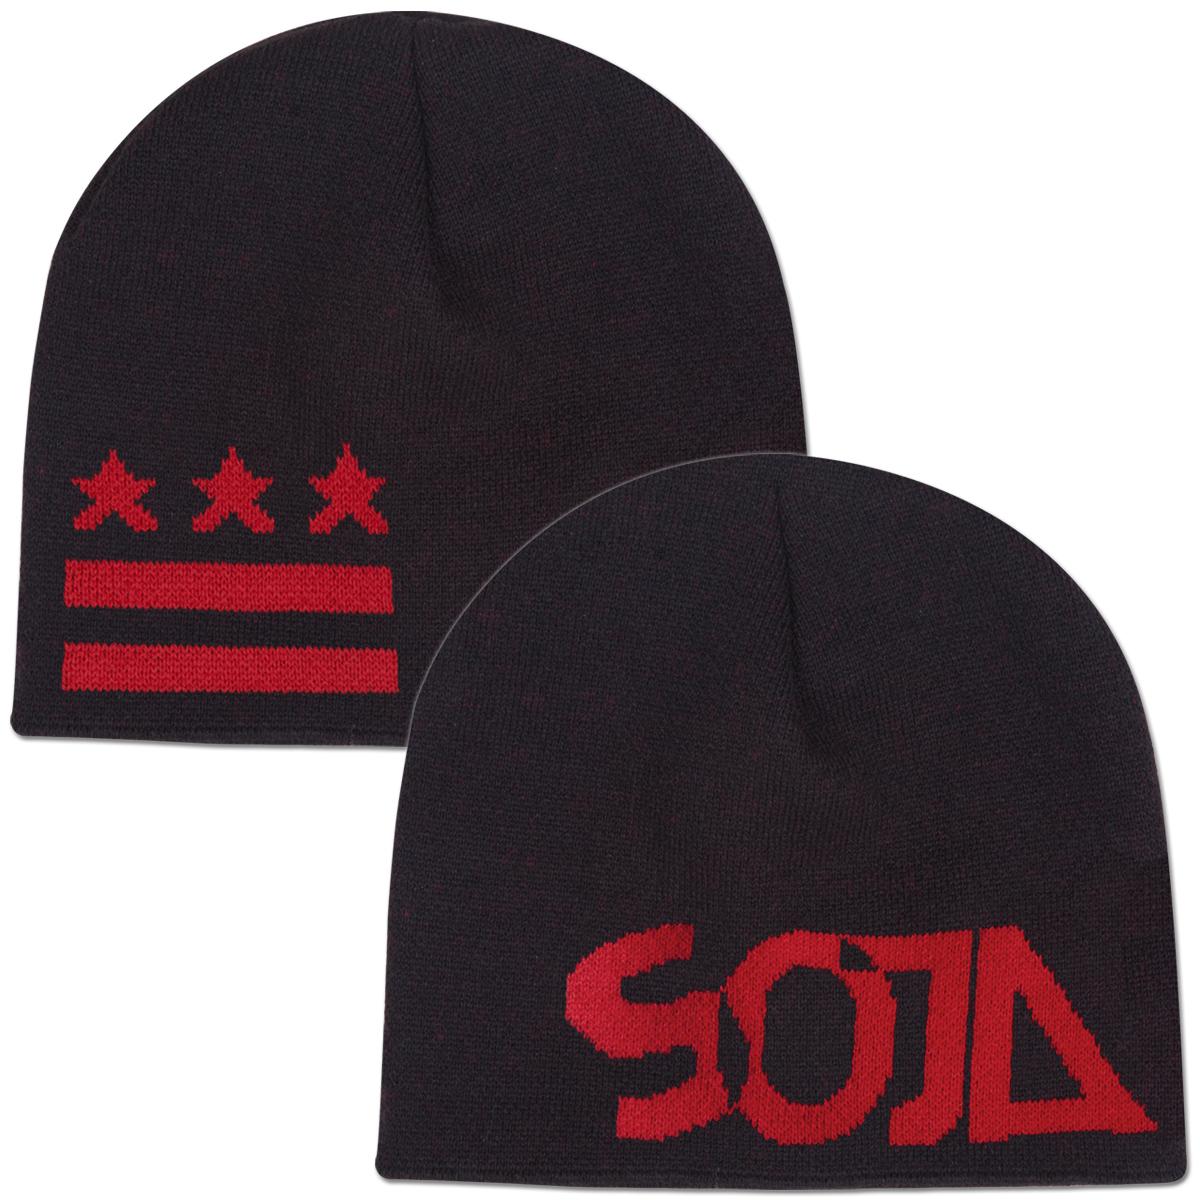 SOJA - Black Knit Cap